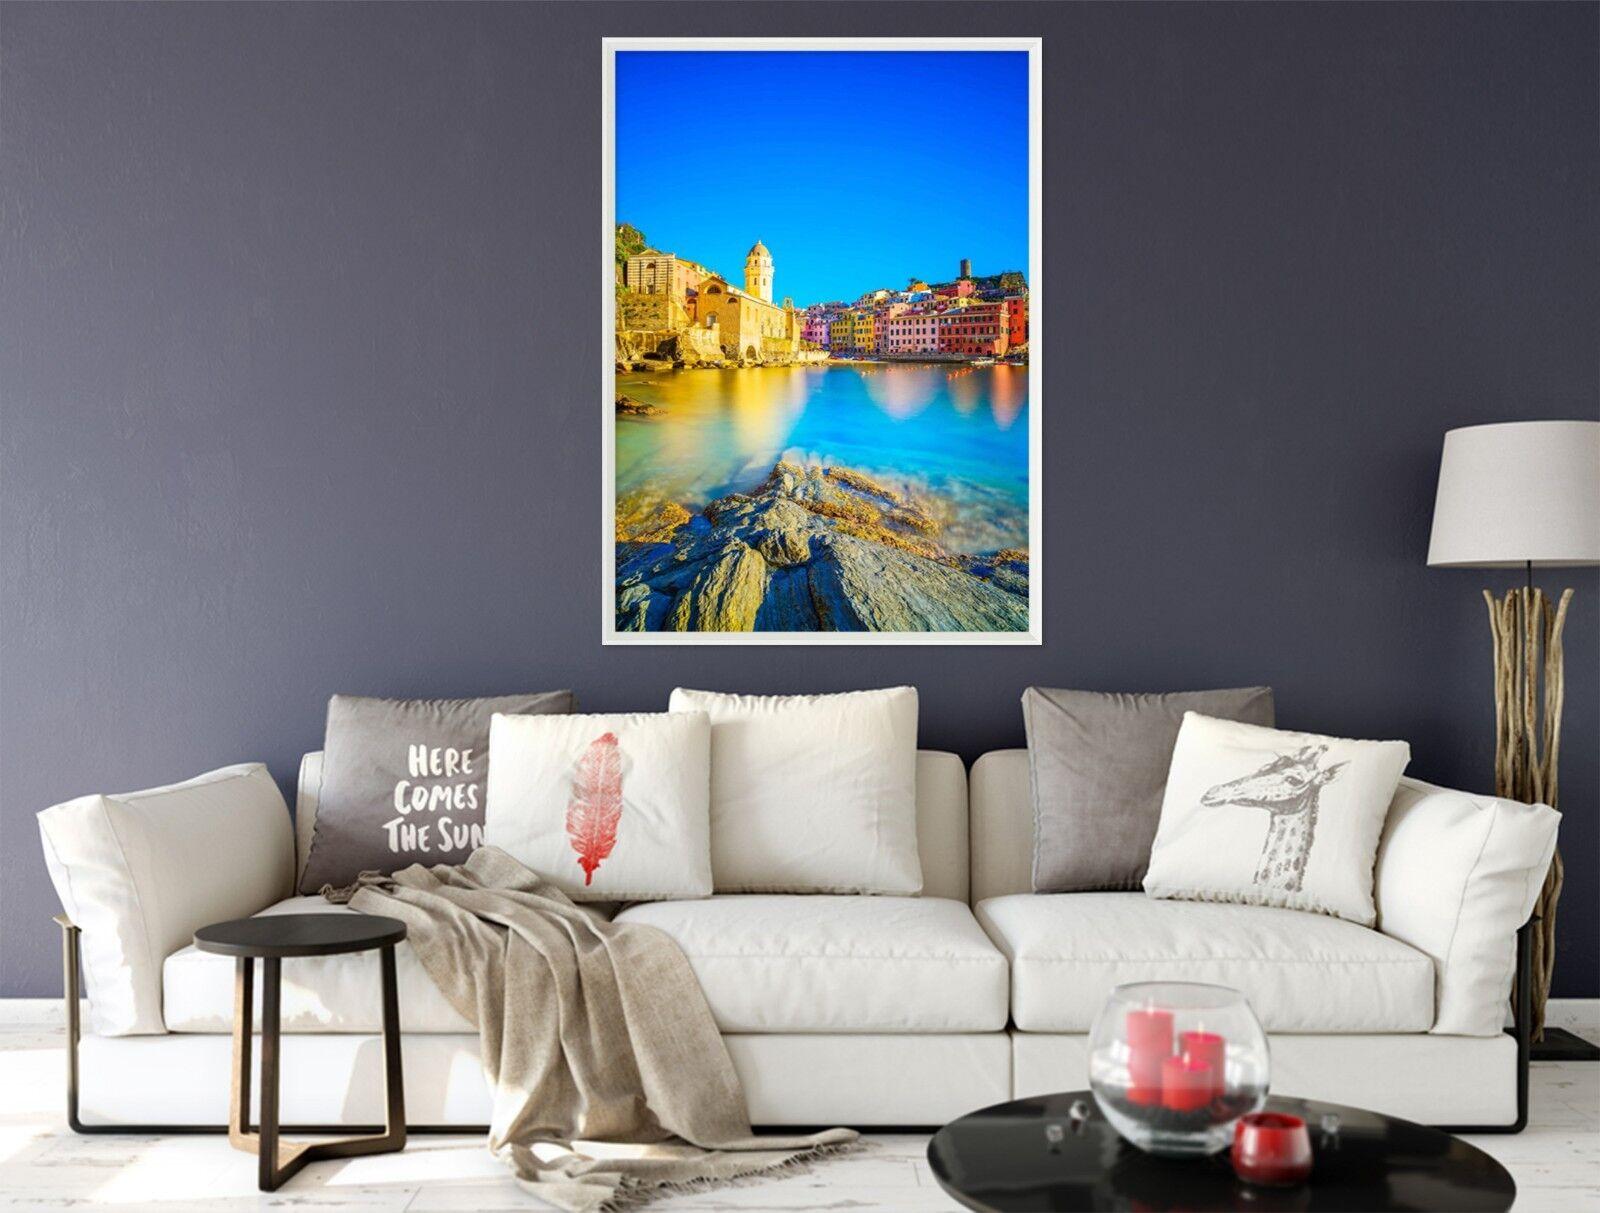 3d Rive couleur ville 49 Encadré Poster à la maison décor imprimer peinture art AJ